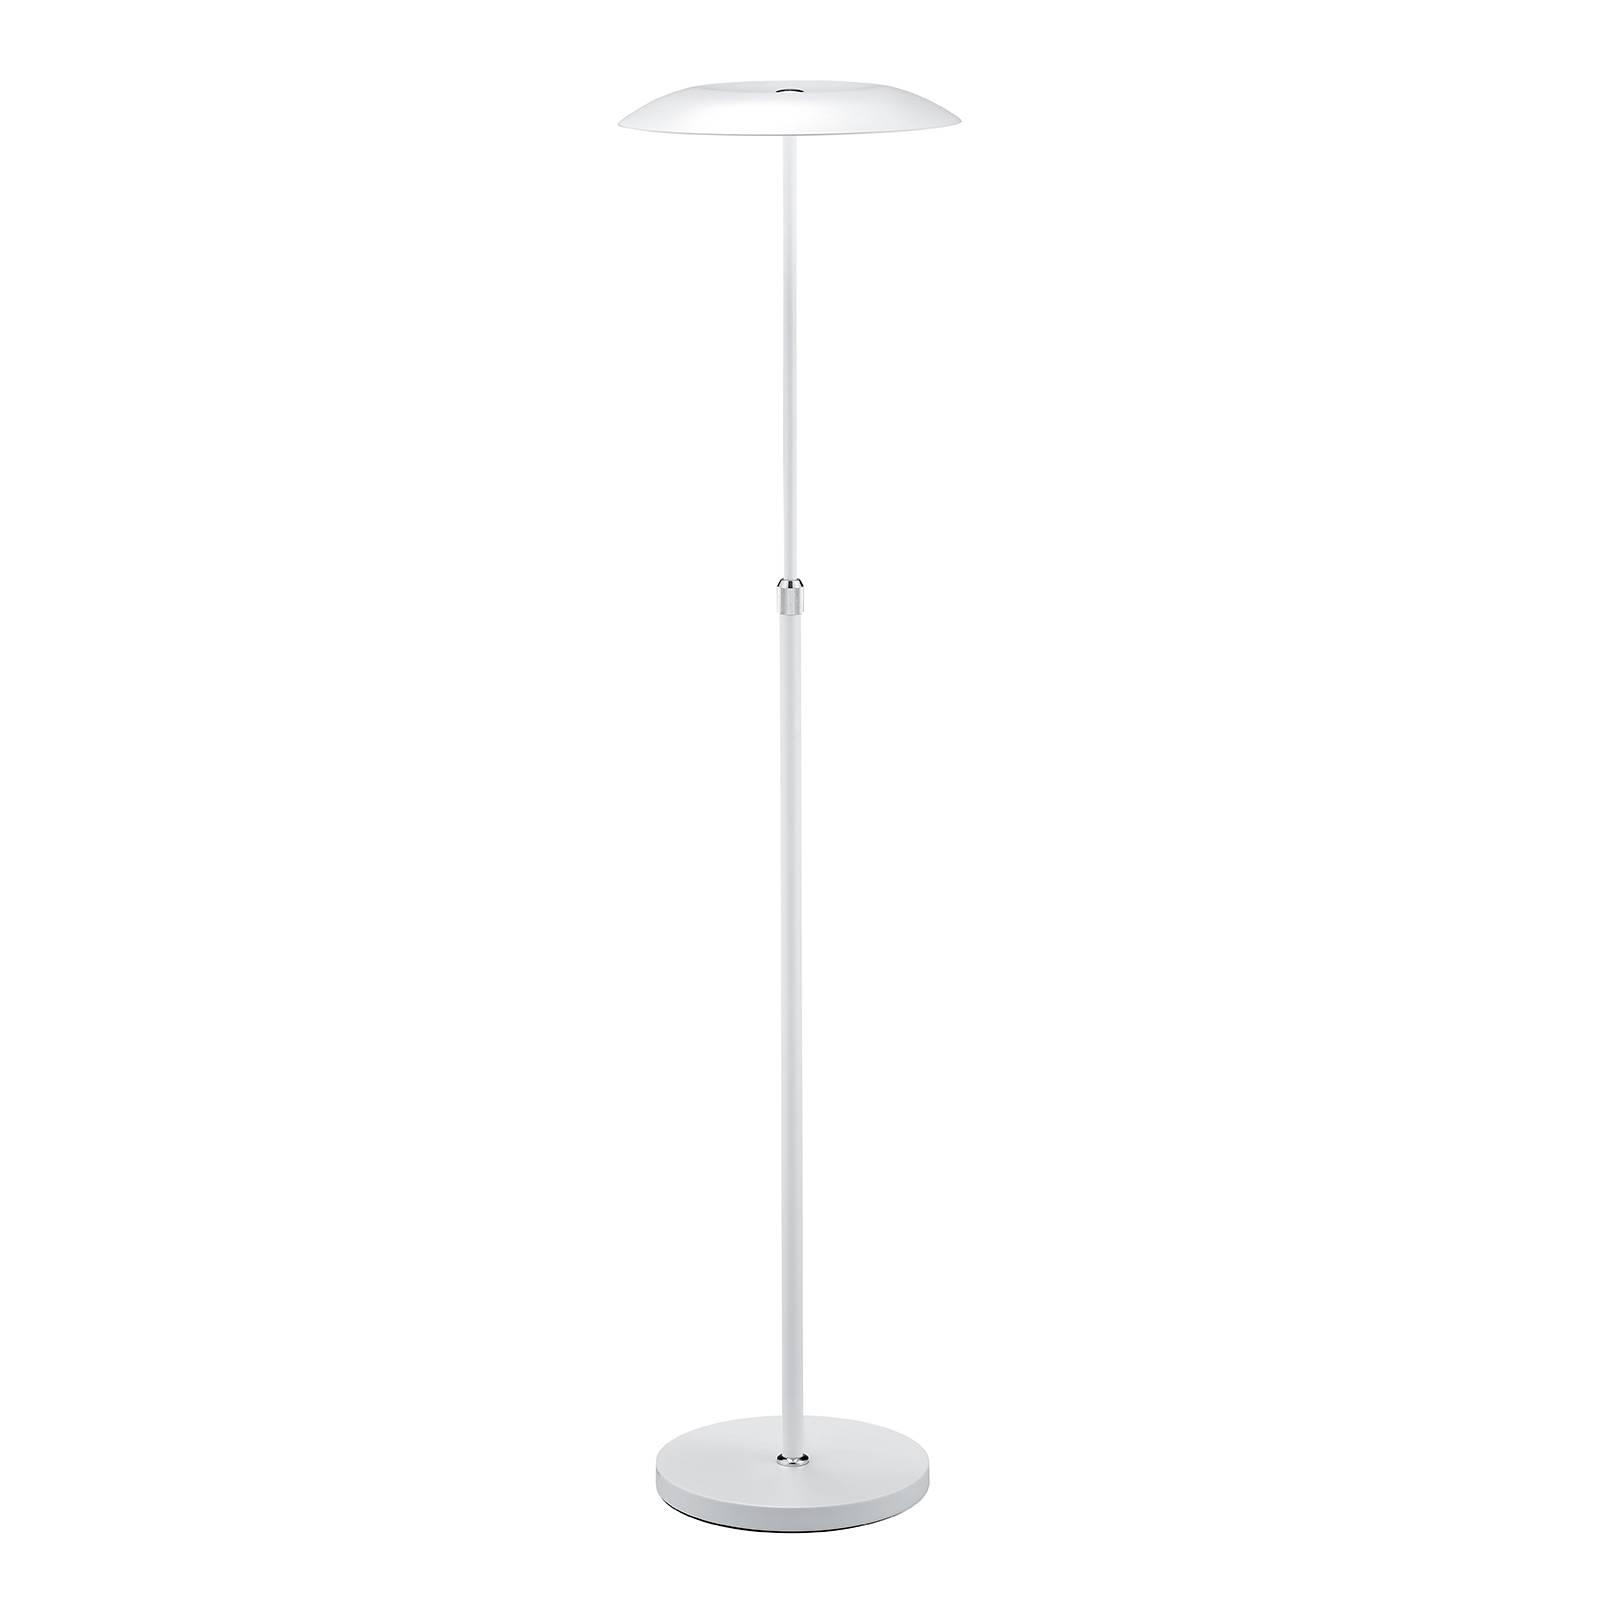 B-Leuchten Curling LED vloerlamp wit